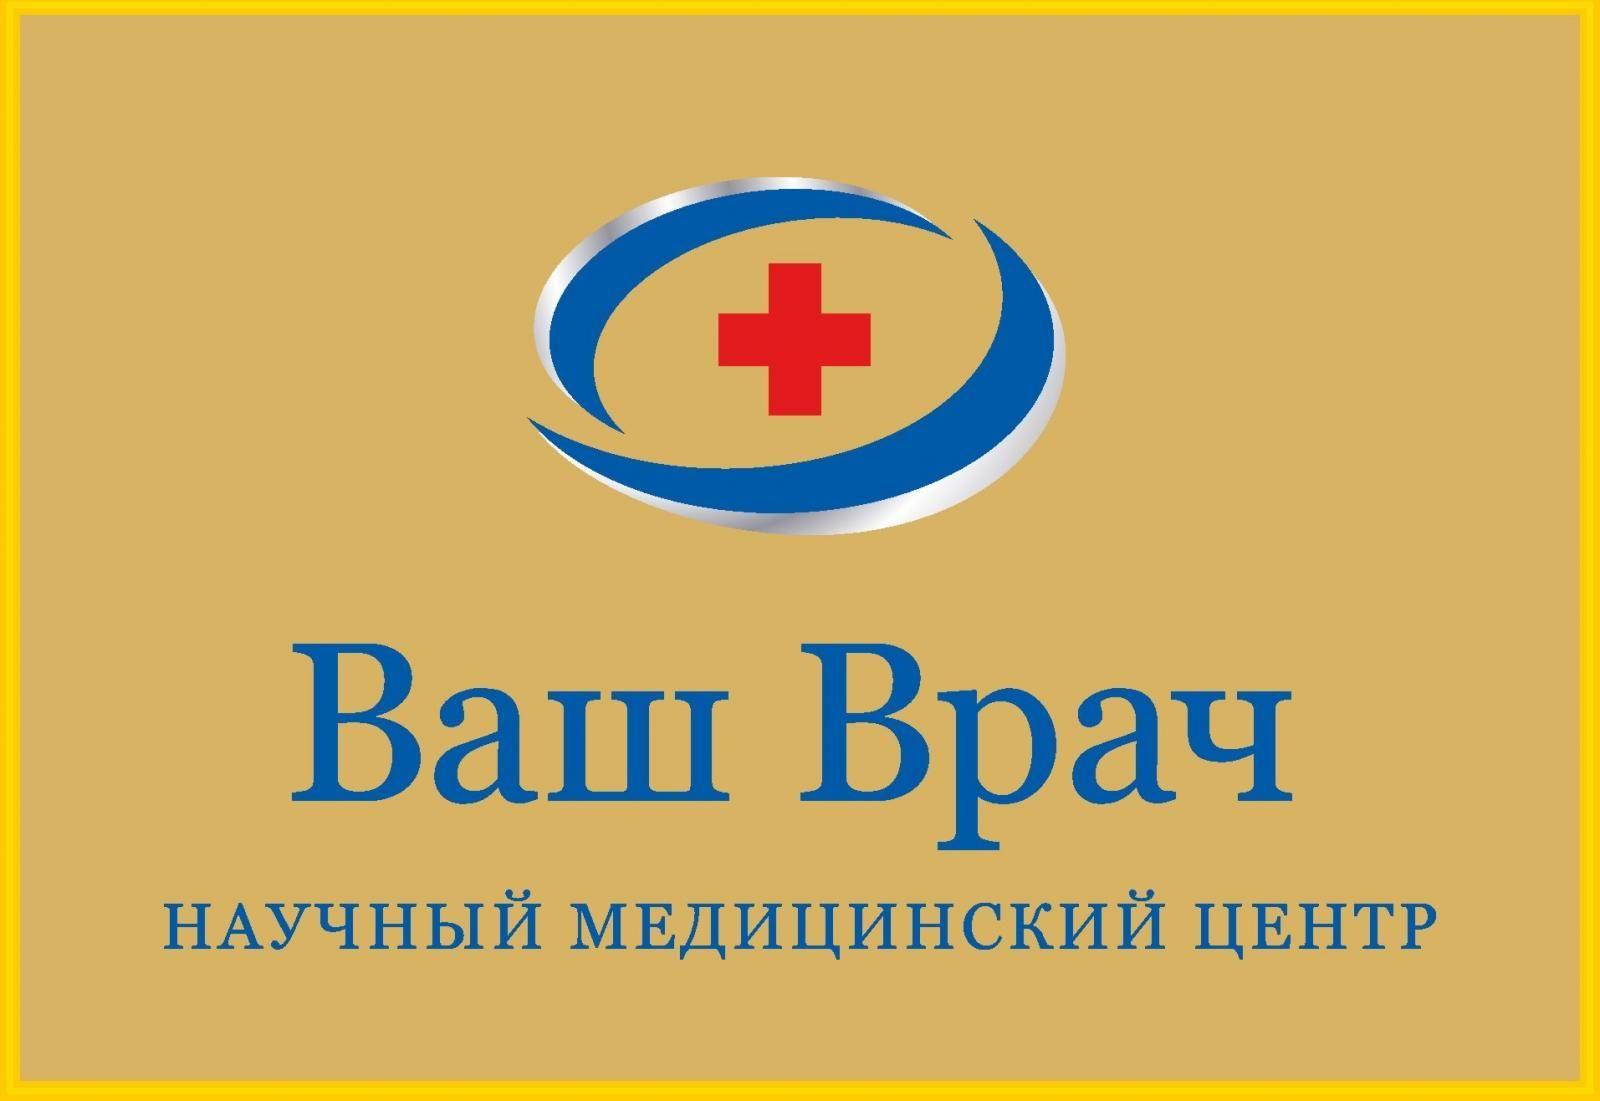 Городская поликлиника 175 филиал 1 врачи